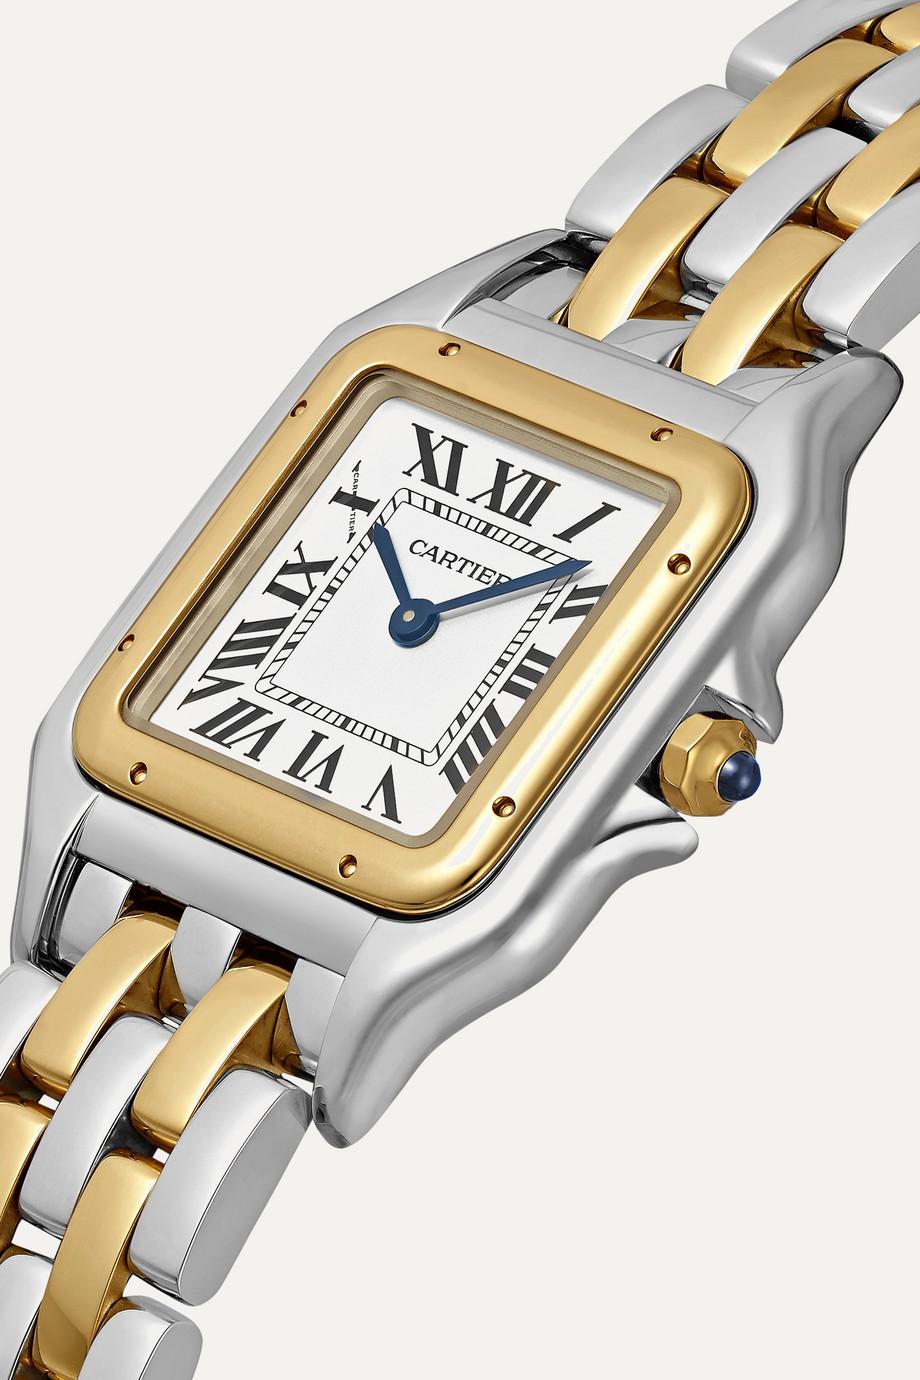 Cartier Panthère de Cartier 27mm medium 18-karat gold and stainless steel watch